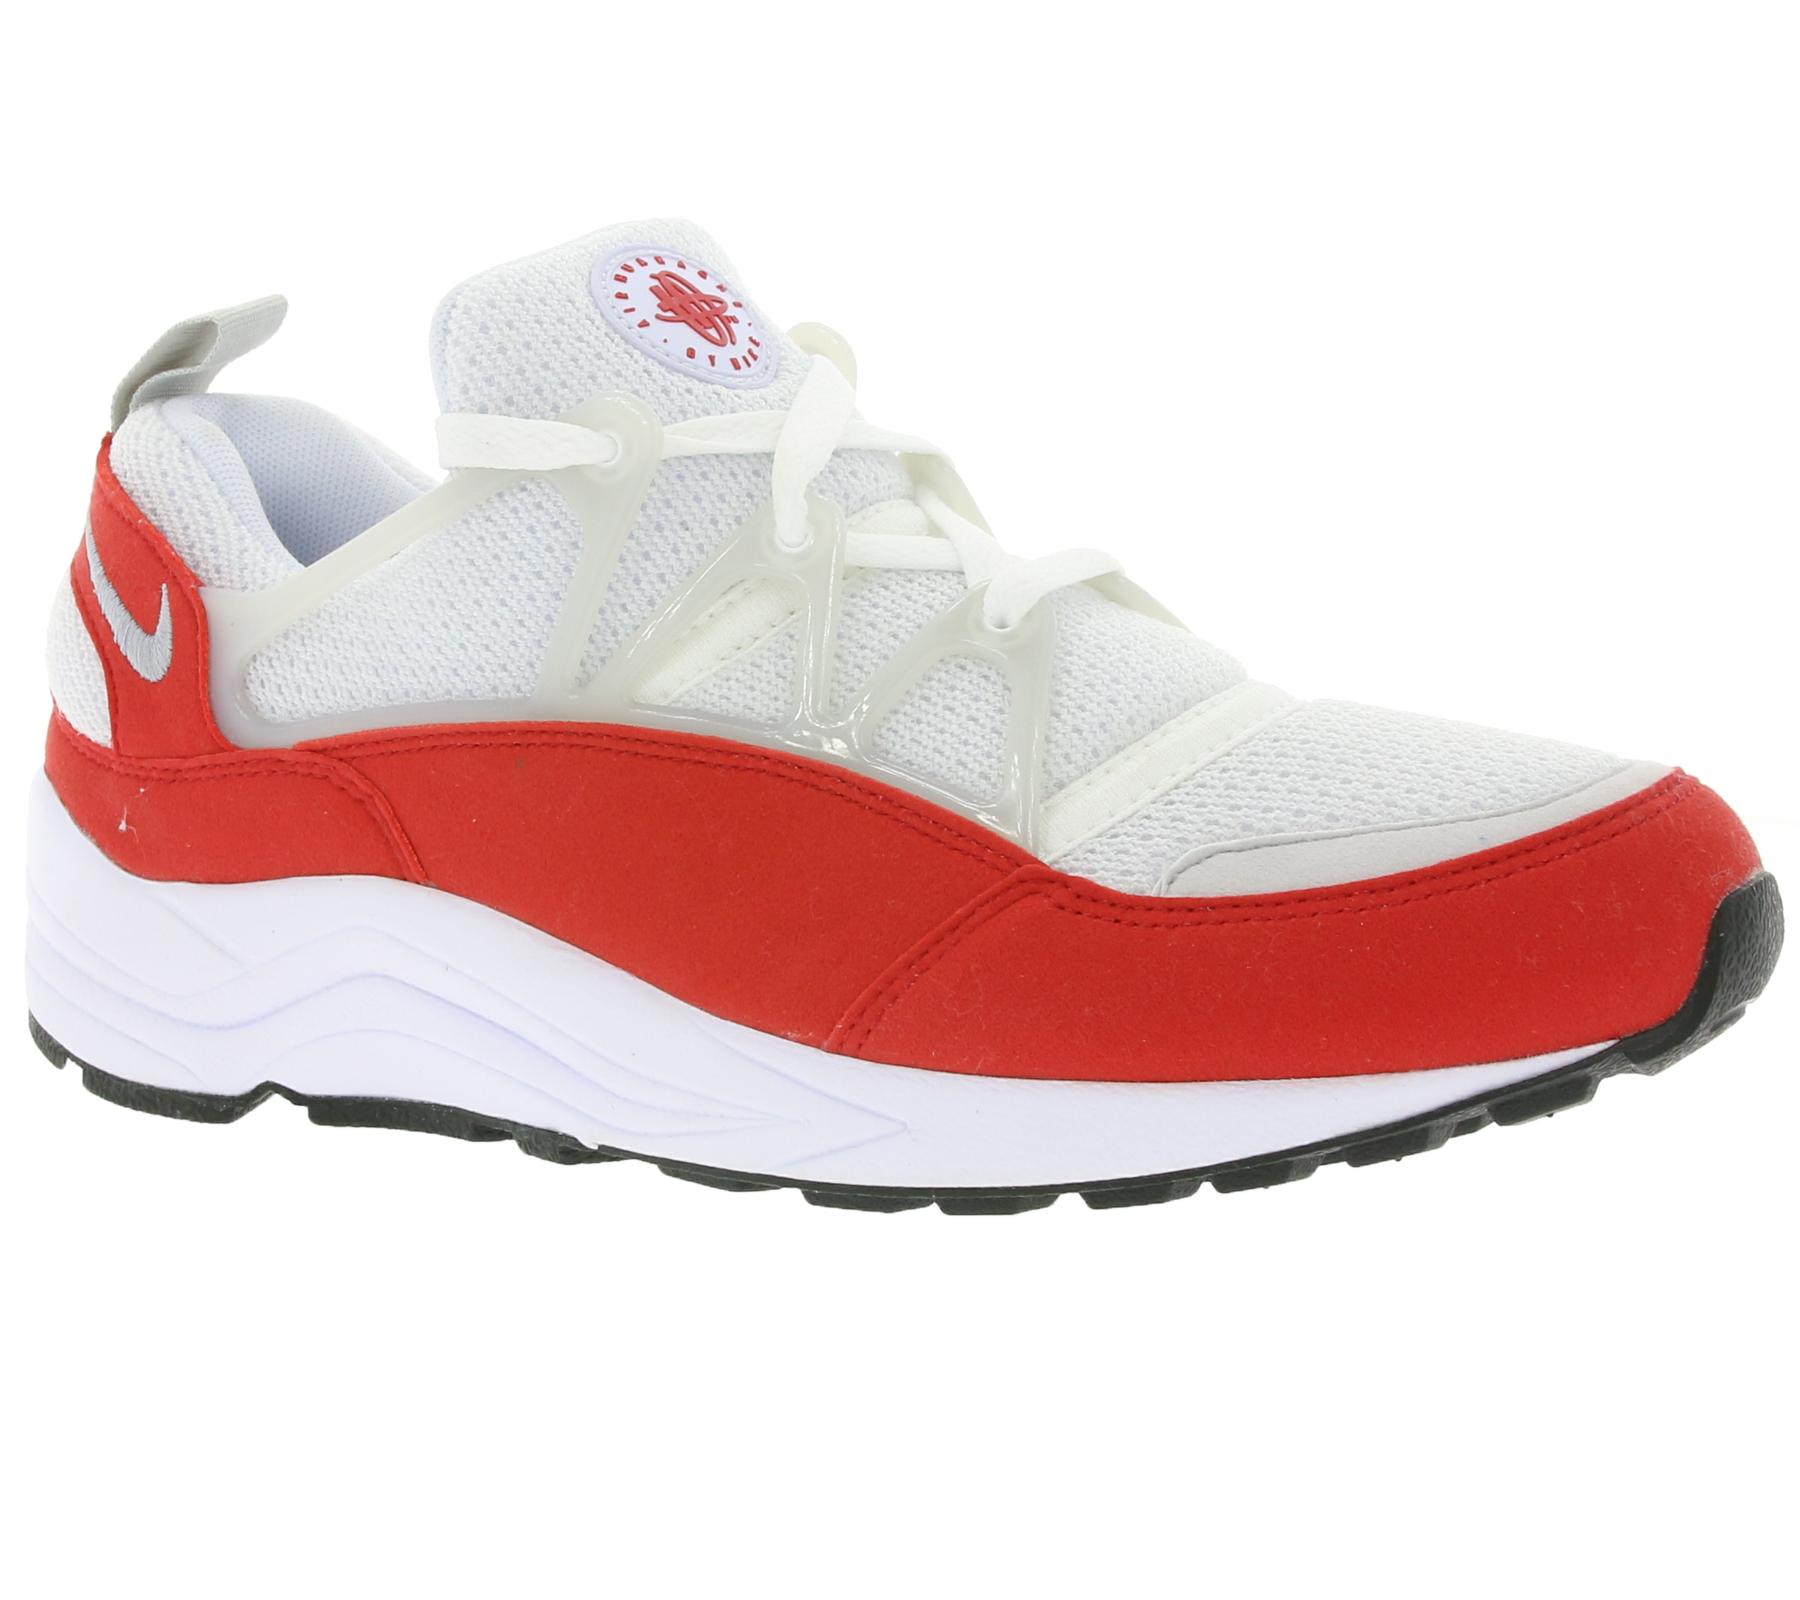 Nike Air Huarache Light sneaker €39,99 (ex verzending) @ Outlet46